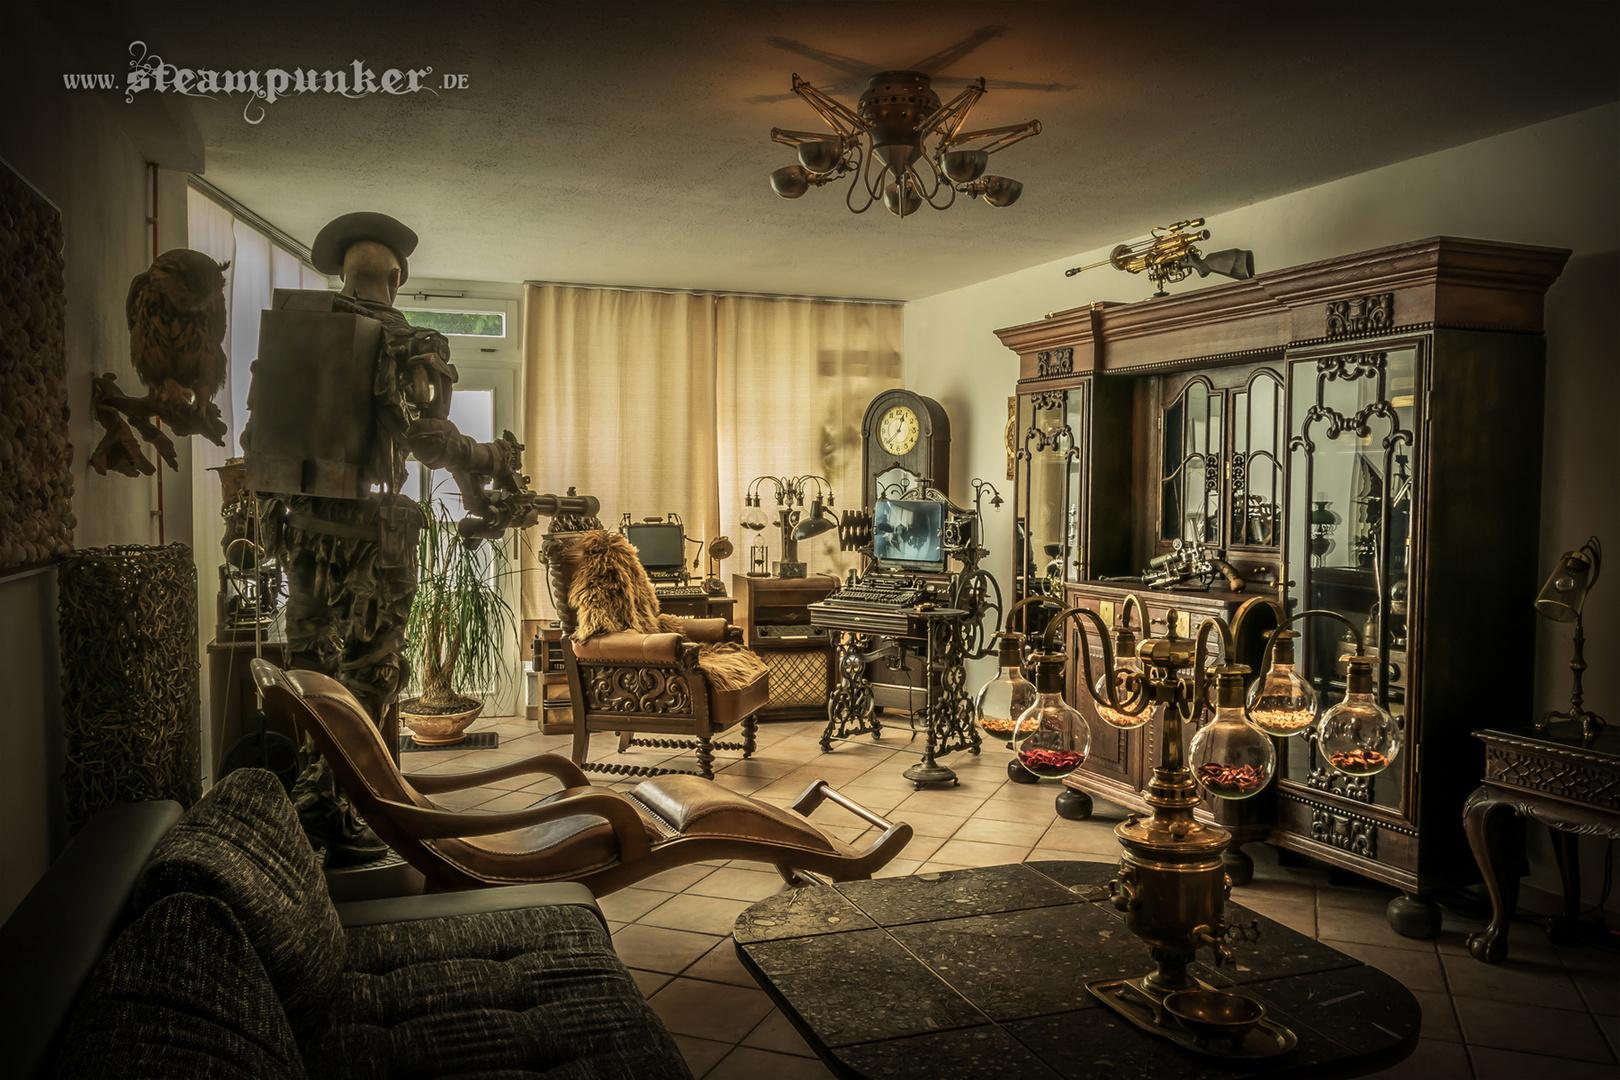 Steampunk Wohnraum